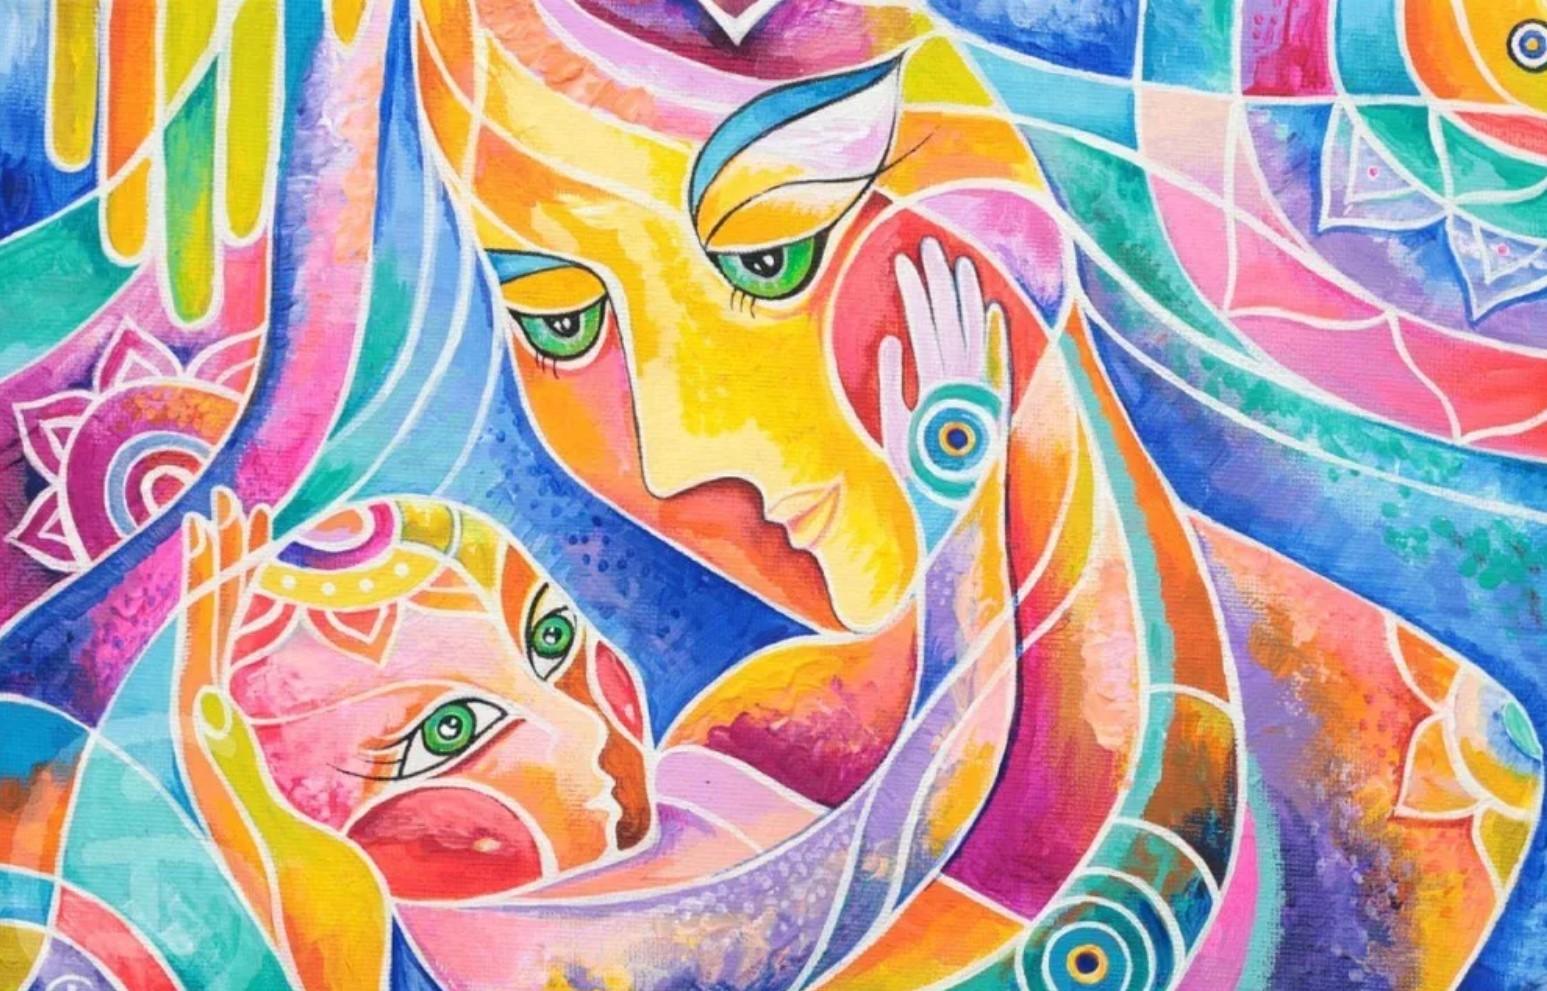 Психотерапия материнской любовью, «психотерапевт как мама»: что это такое?